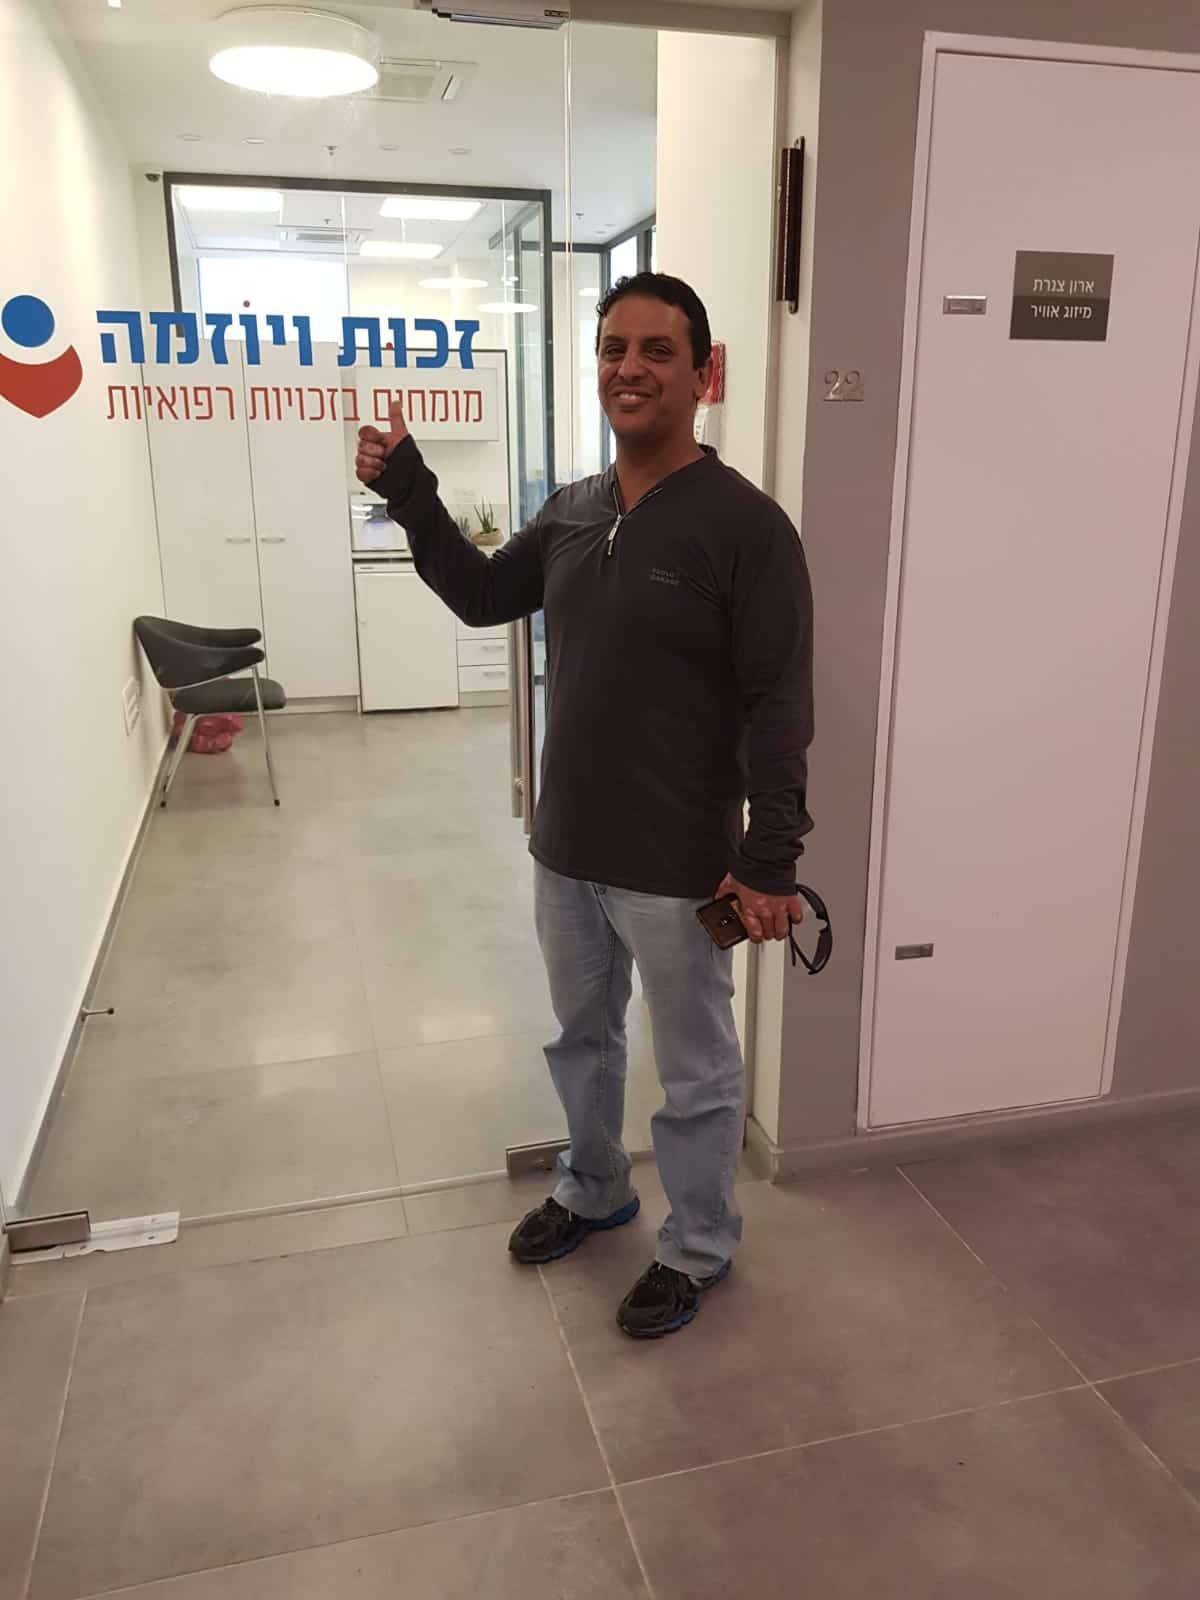 המלצה של מאיר בתיק תאונות עבודה - זכות ויוזמה מימוש זכויות רפואיות